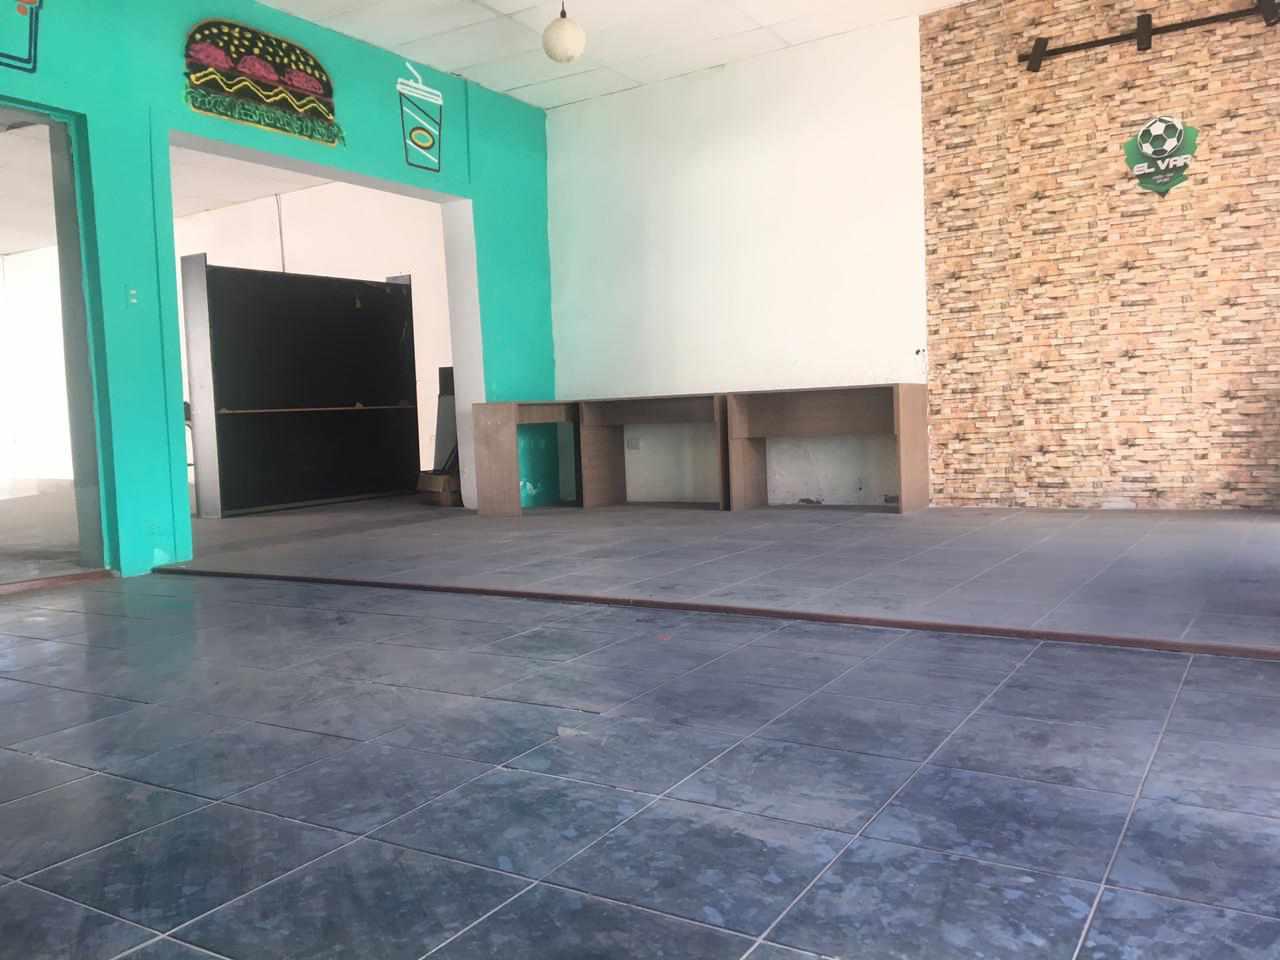 Local comercial en Venta Calle las Charcas  Foto 11